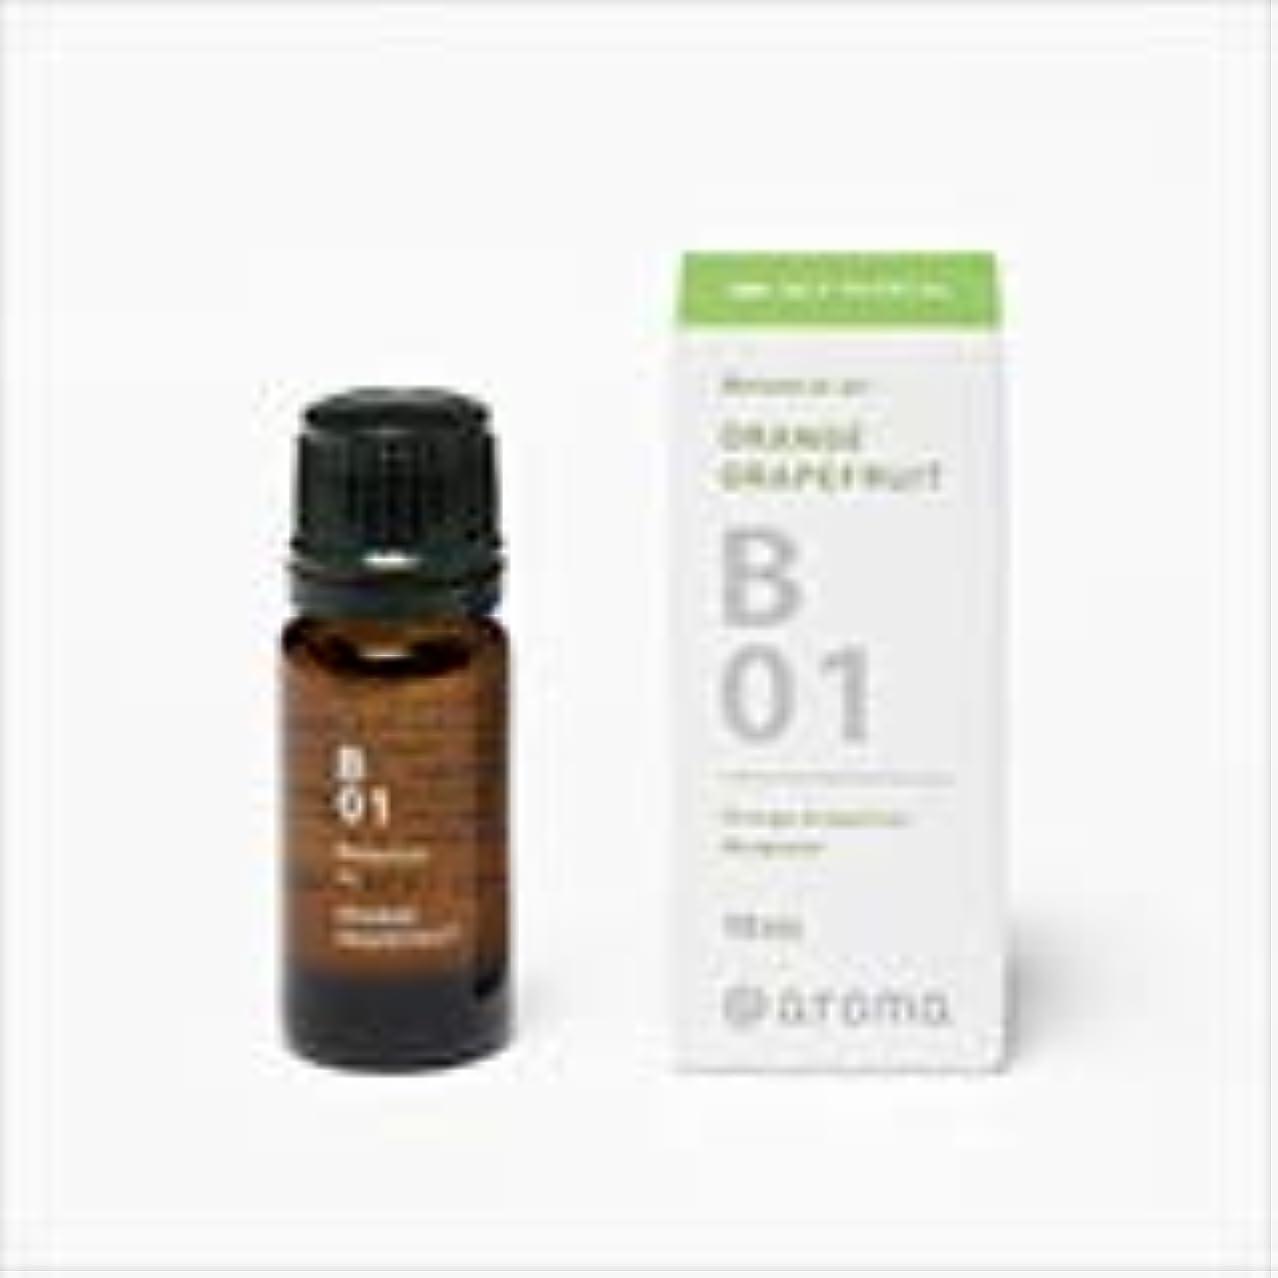 雇う解放する見出しアットアロマ 100%pure essential oil <Botanical air ベルガモットラベンダー>